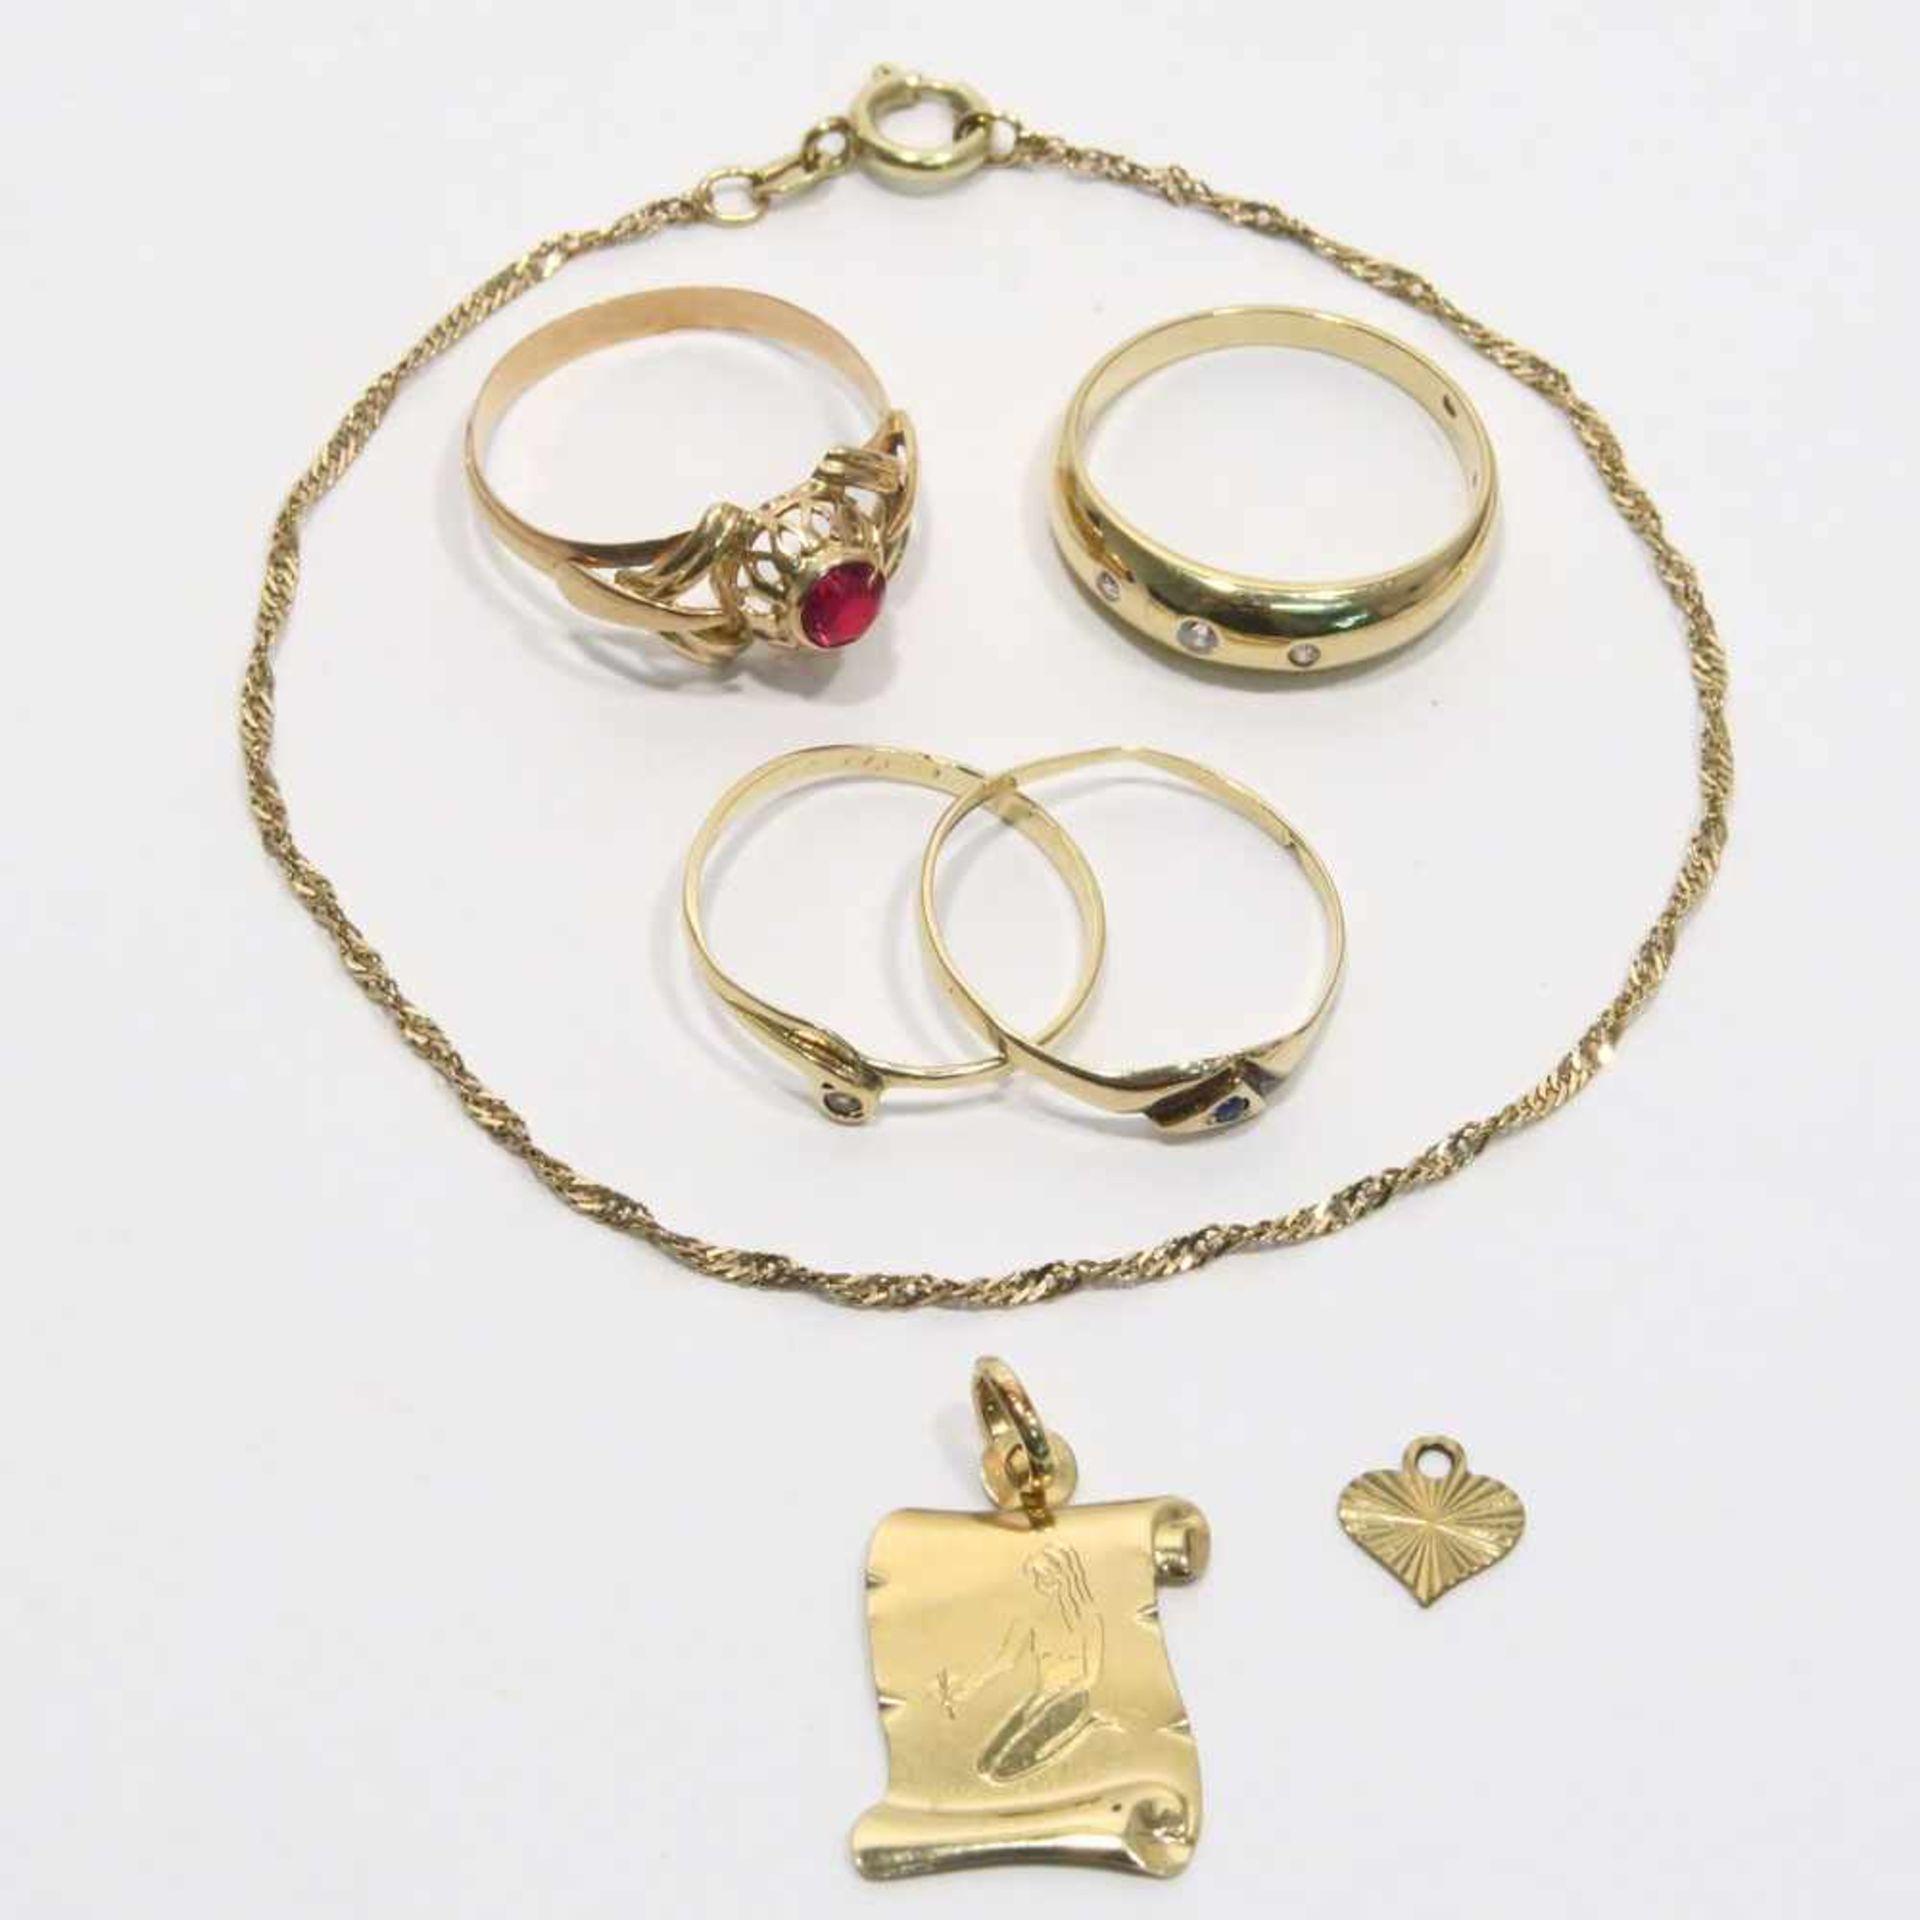 Los 58 - Konvolut Goldschmuck, 7tlg.14 K GG bzw. RG, tlw. Marken (585). Mit einem kleinen Saphir bzw.